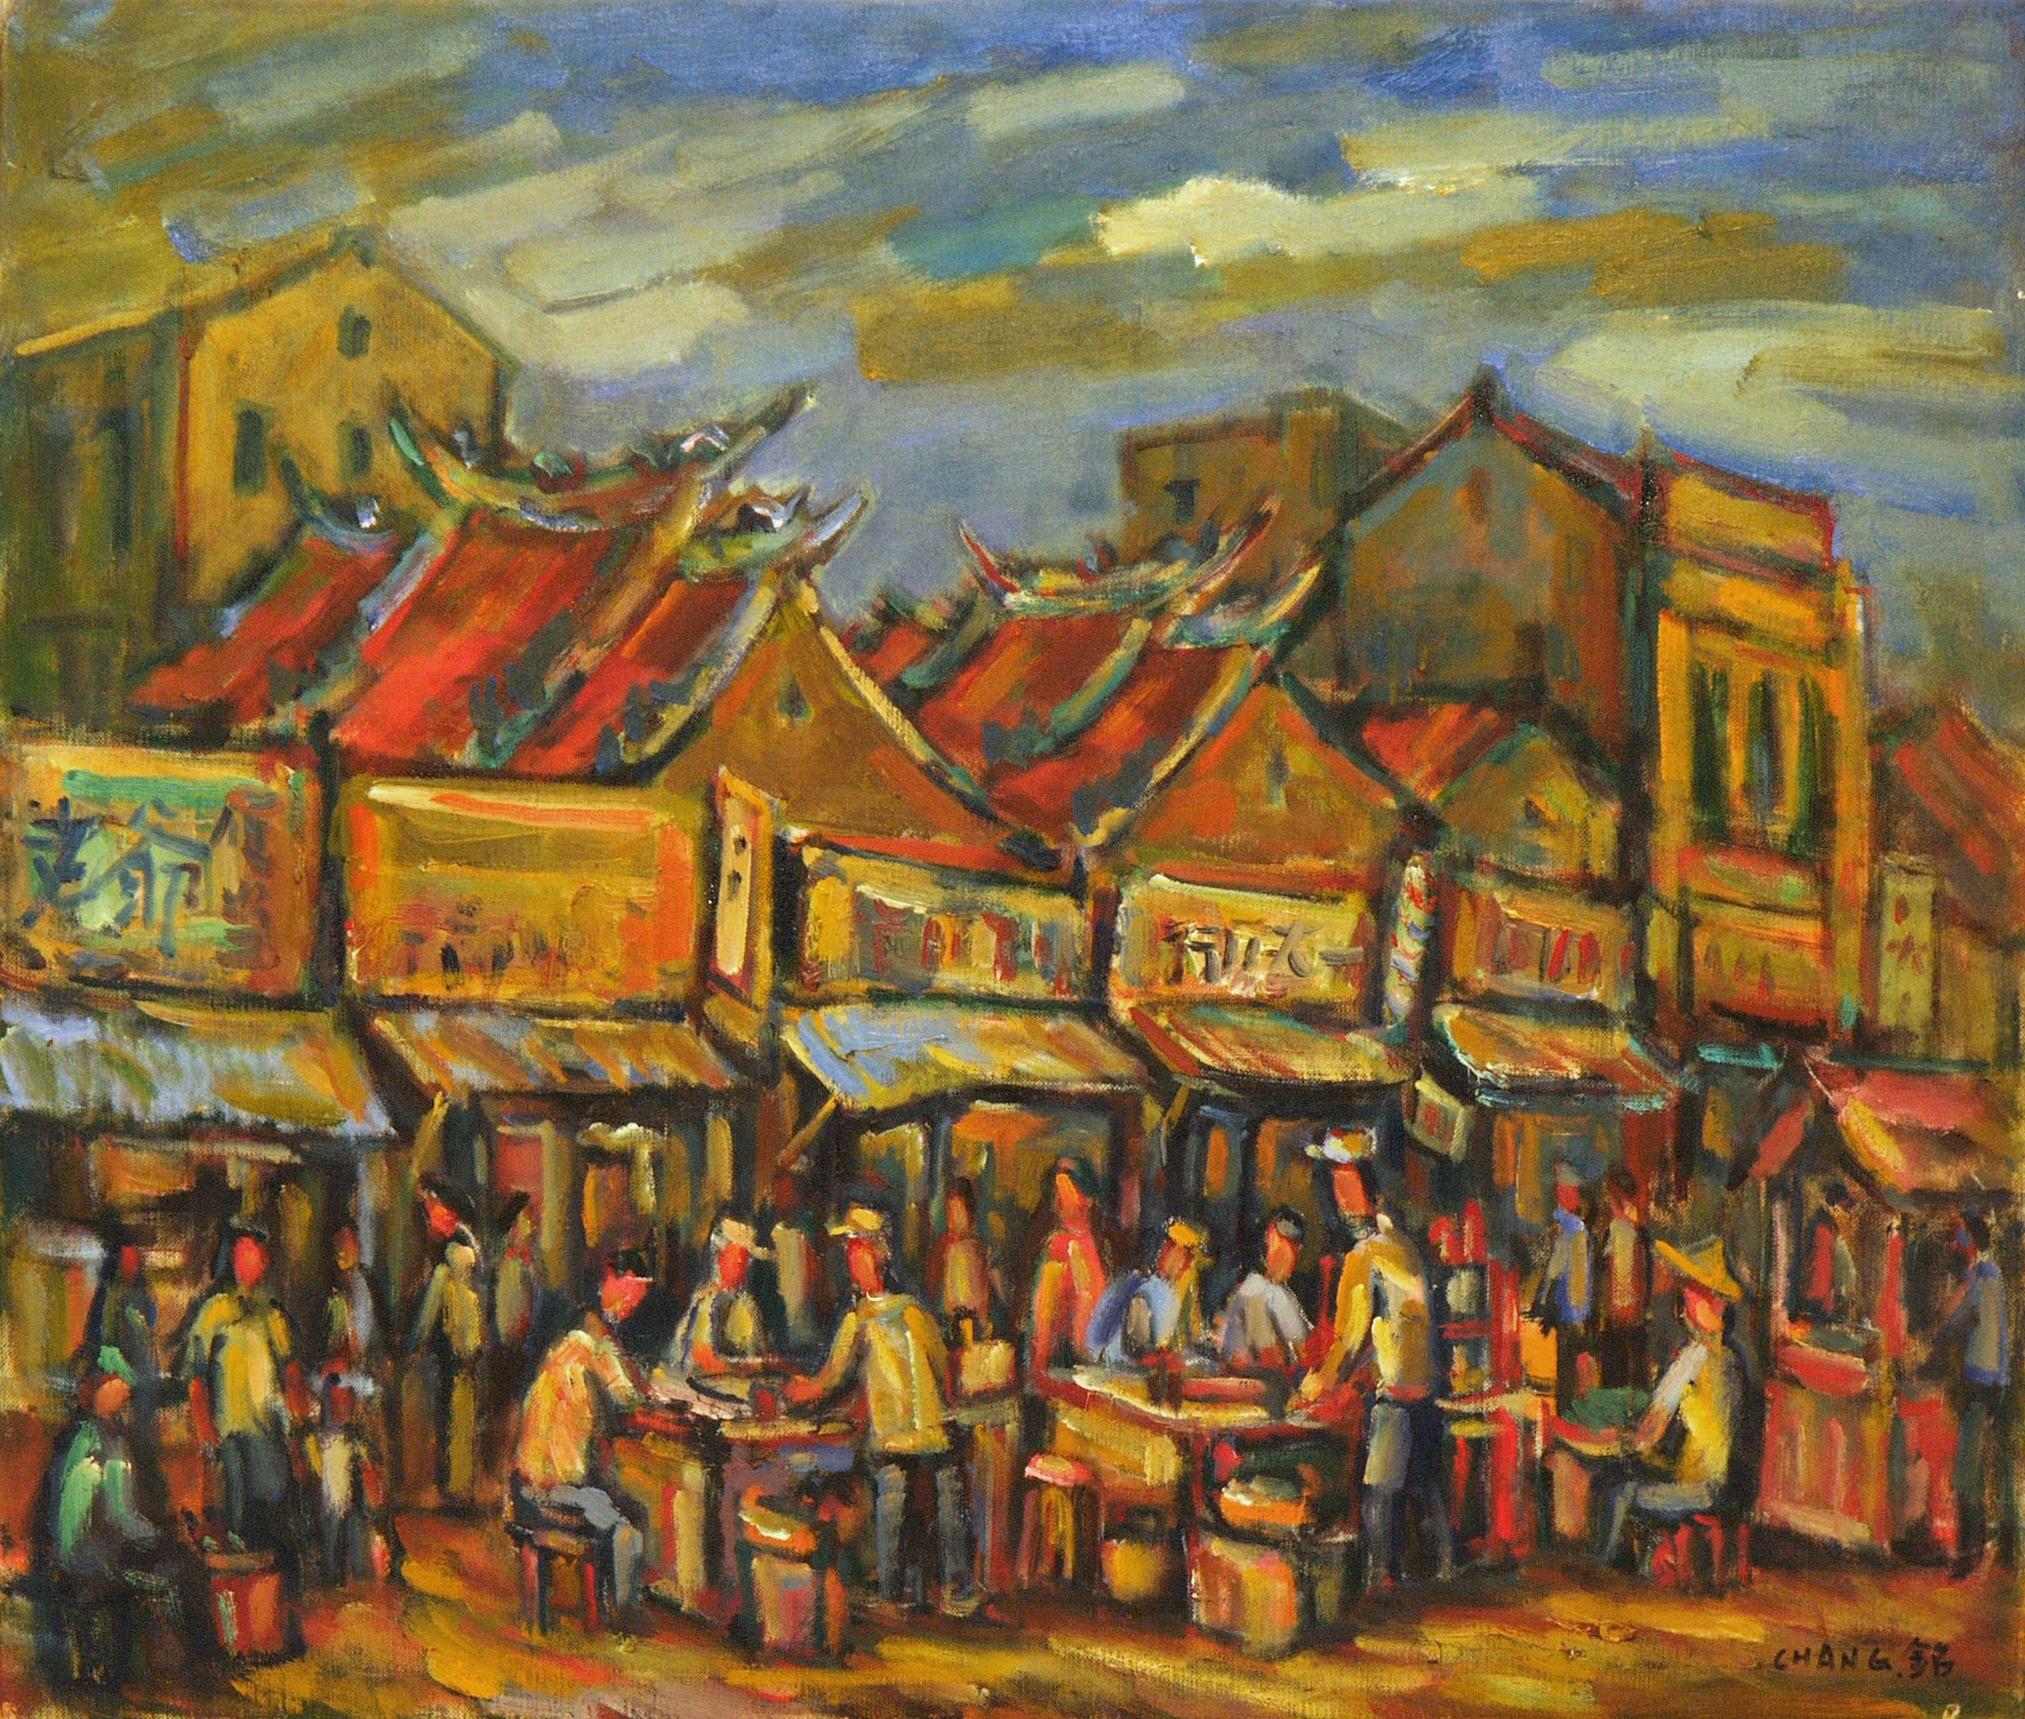 新竹城隍廟 10F 46x53 cm 油彩